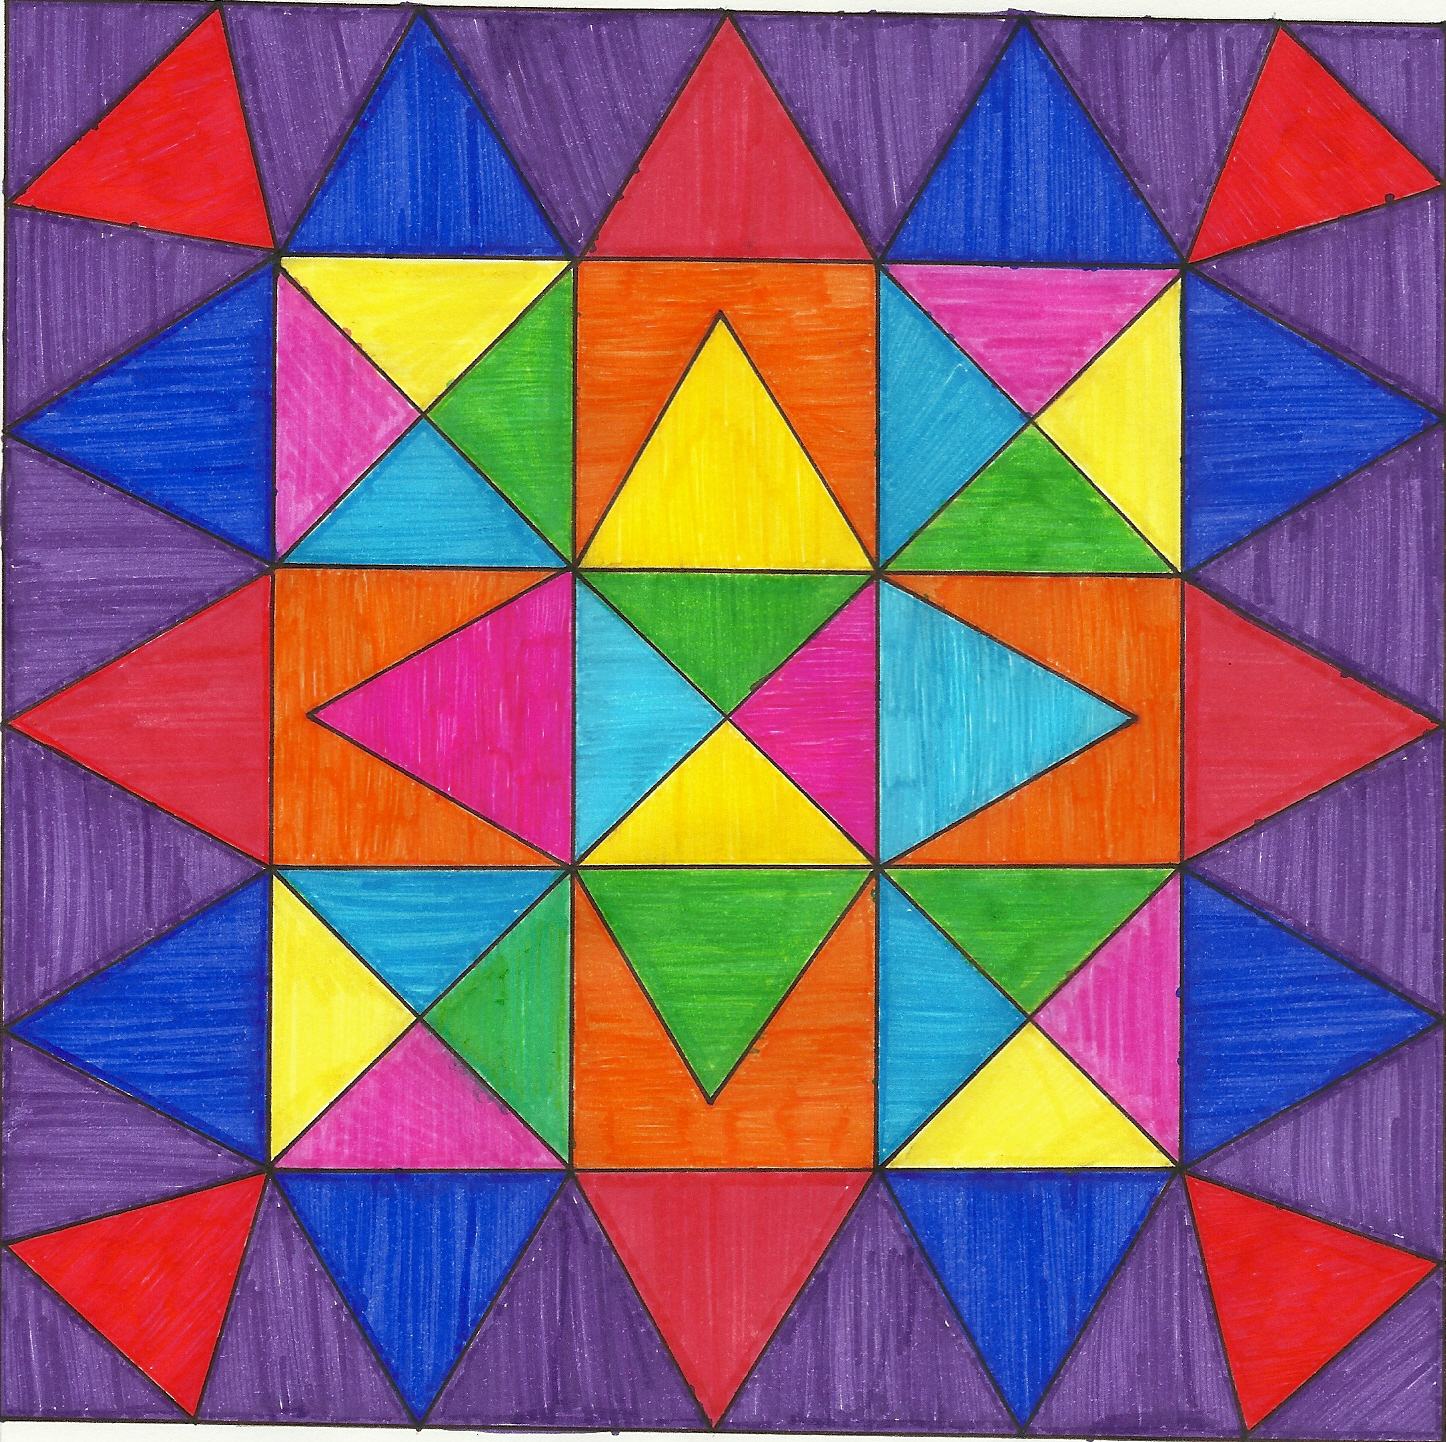 Mariale ejercicio mandala - Colores llamativos ...